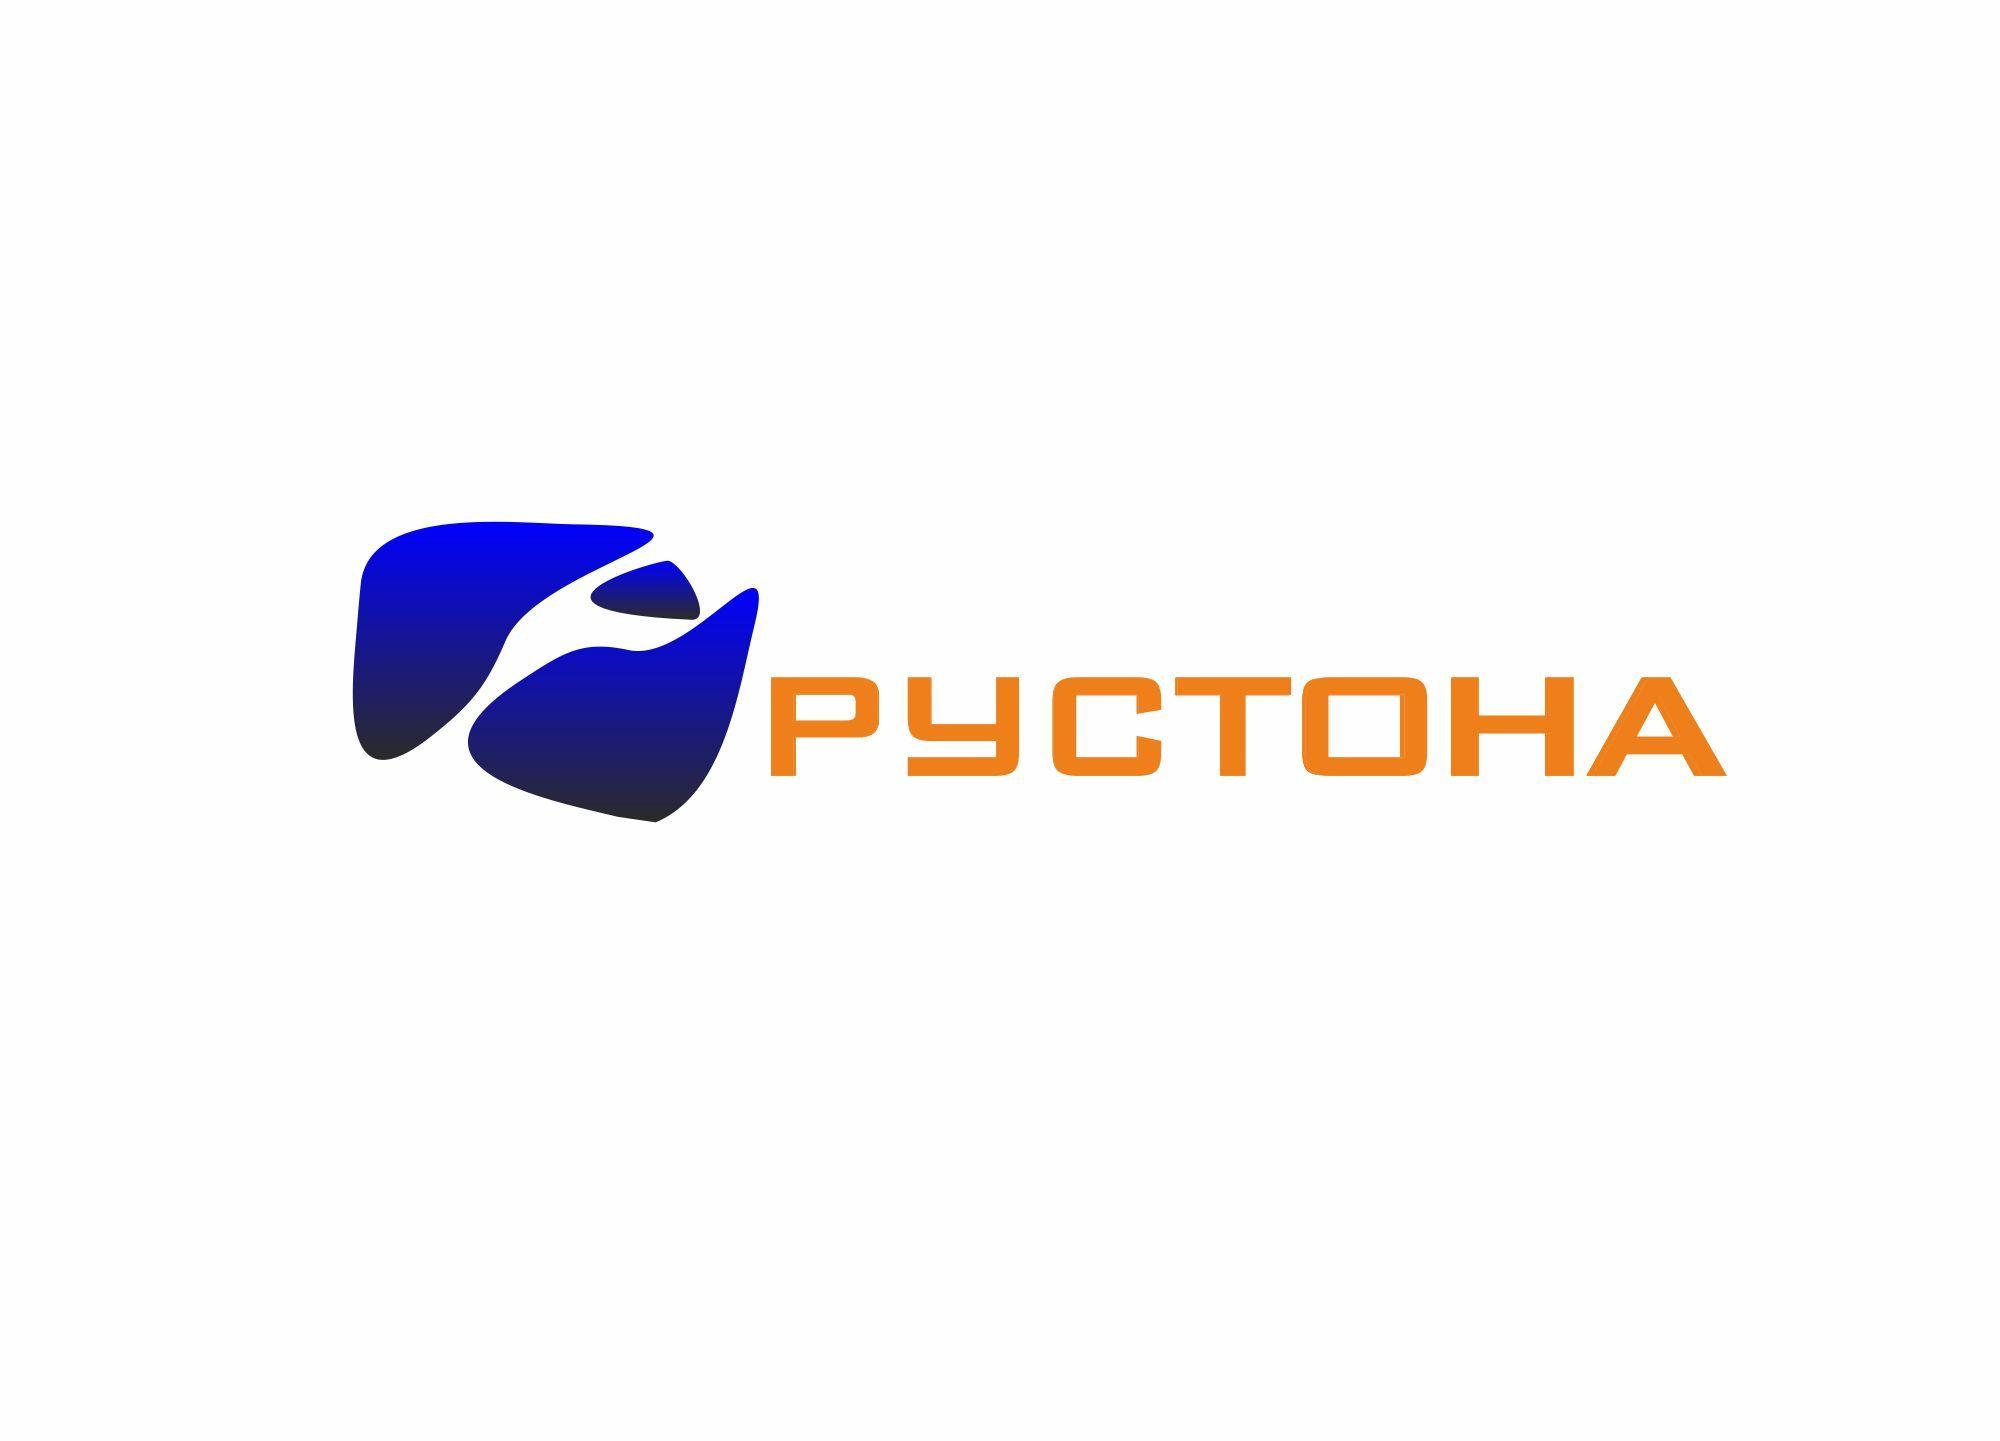 Логотип для компании Рустона (www.rustona.com) - дизайнер ThCat